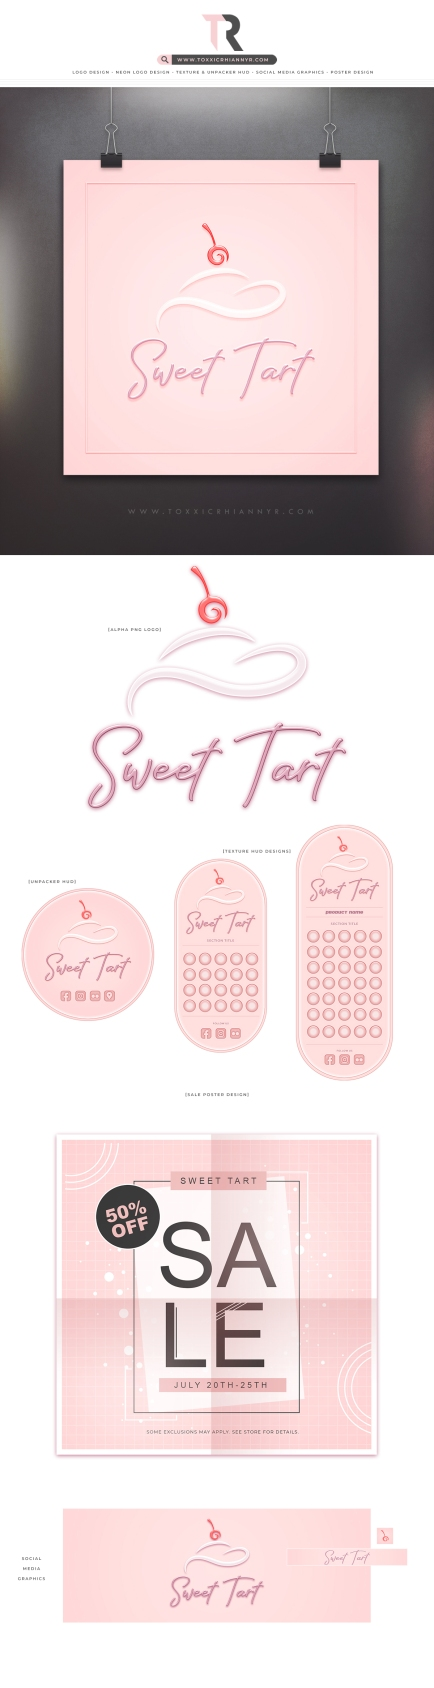 21-sweettart